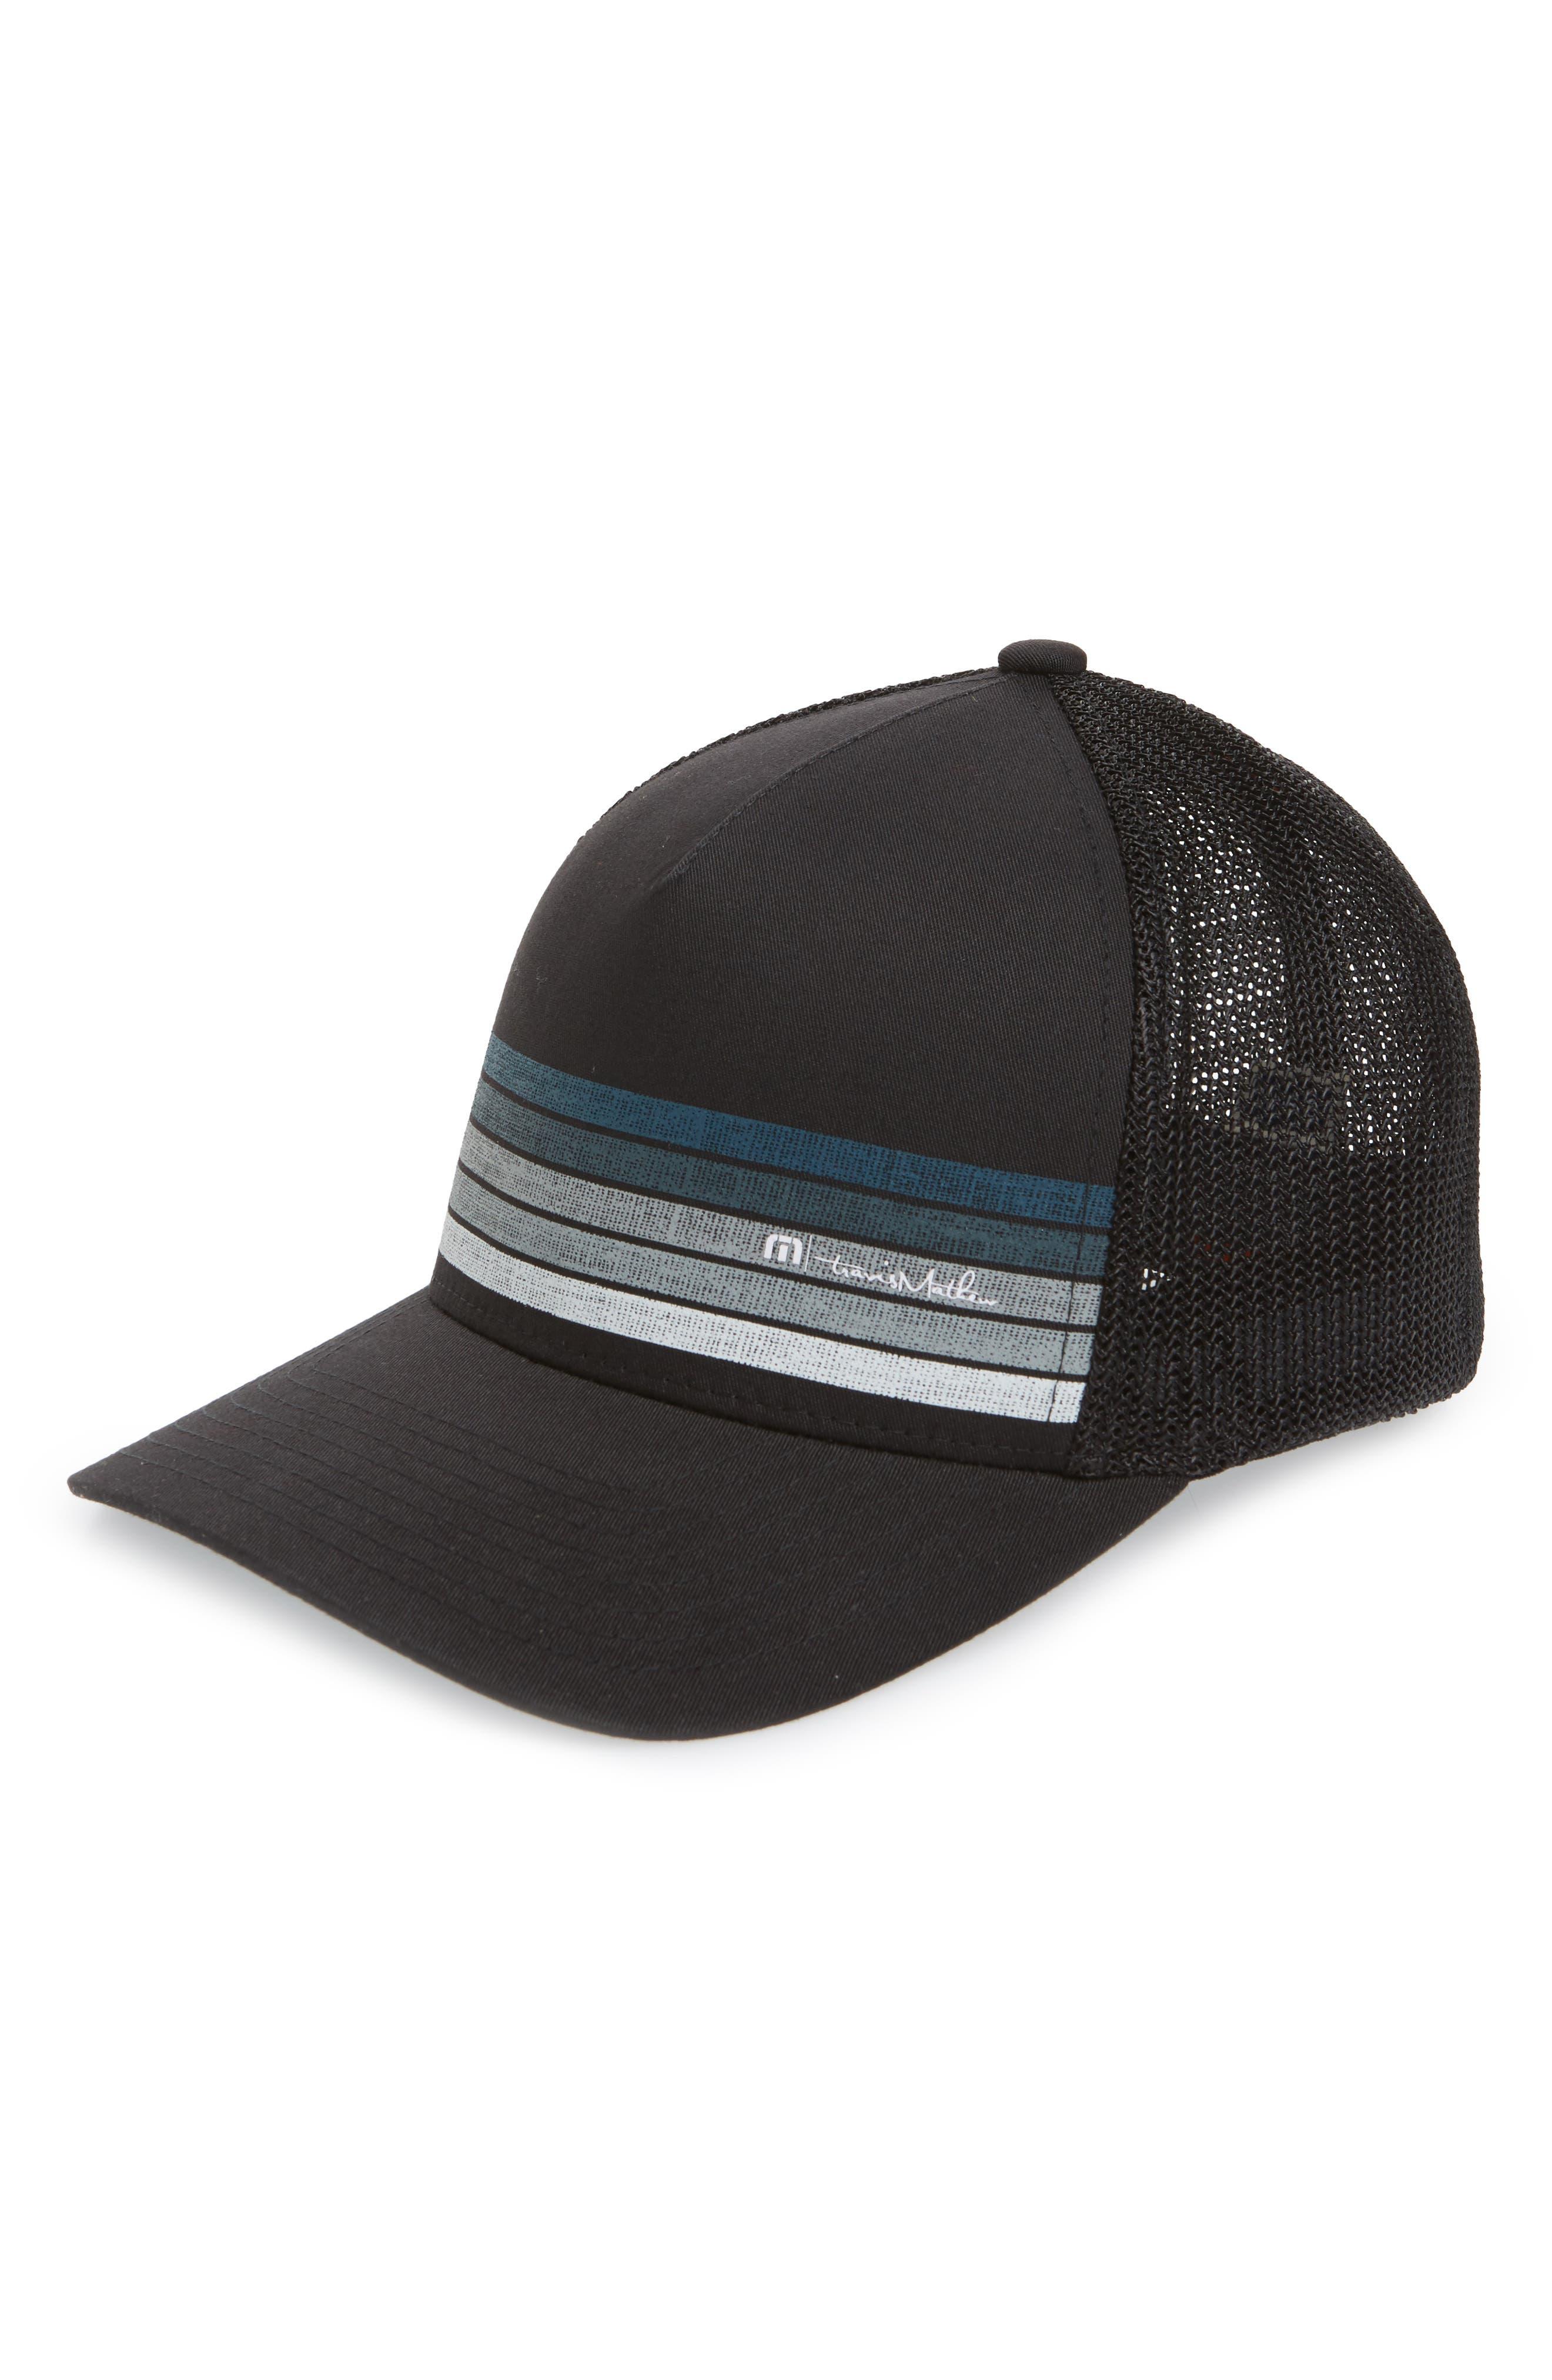 Travis Mathew Mackay Trucker Hat